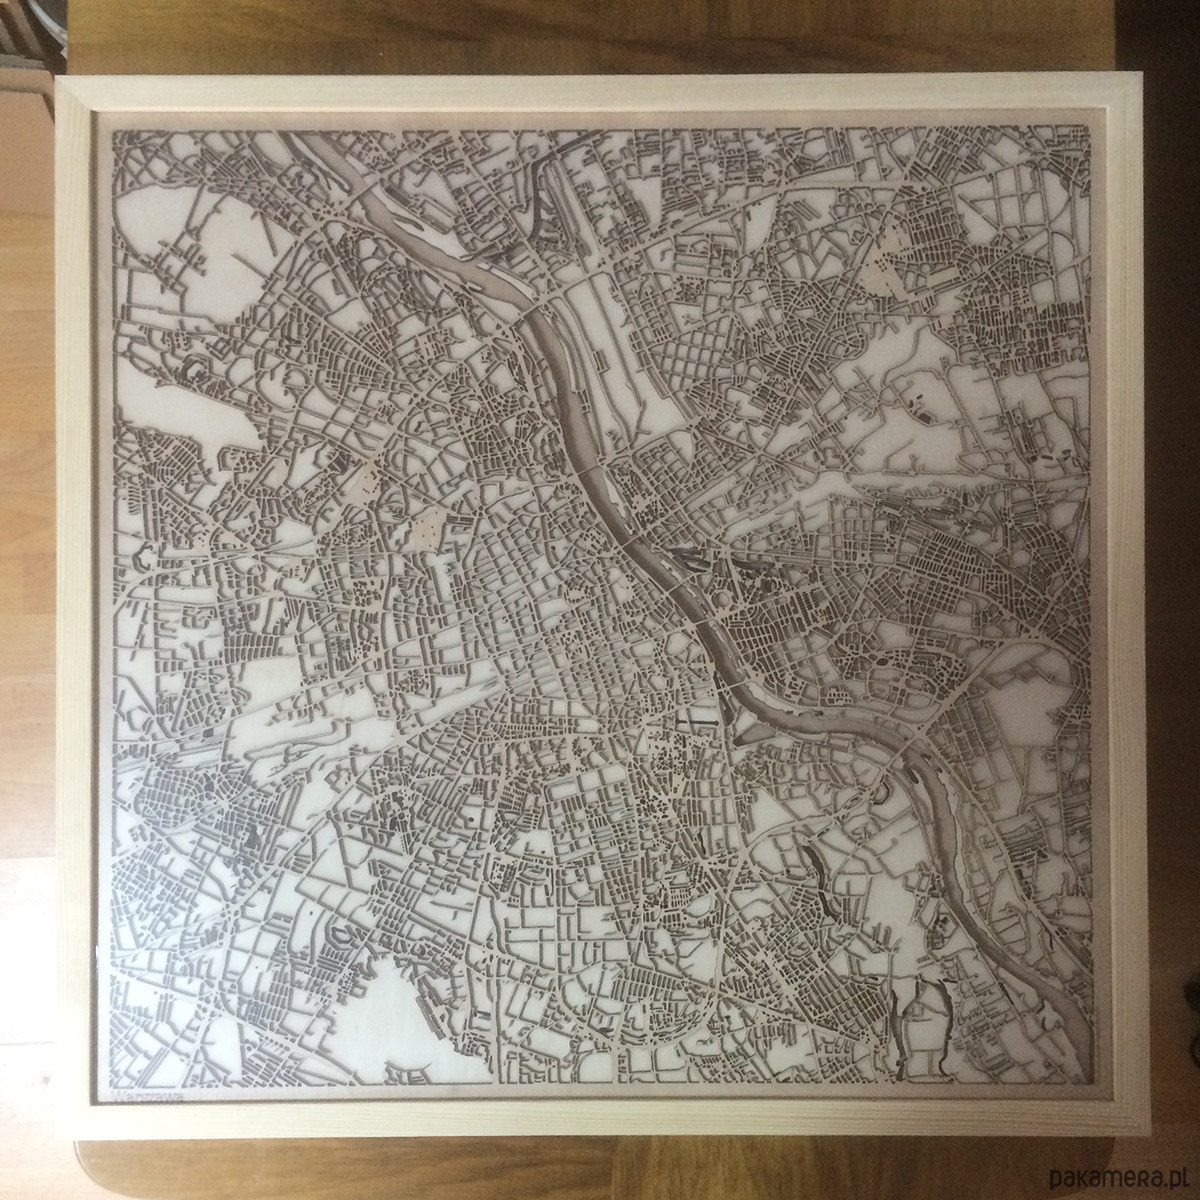 Citywood Drewniana Mapa Warszawa 60x60cm Plakaty Ilustracje